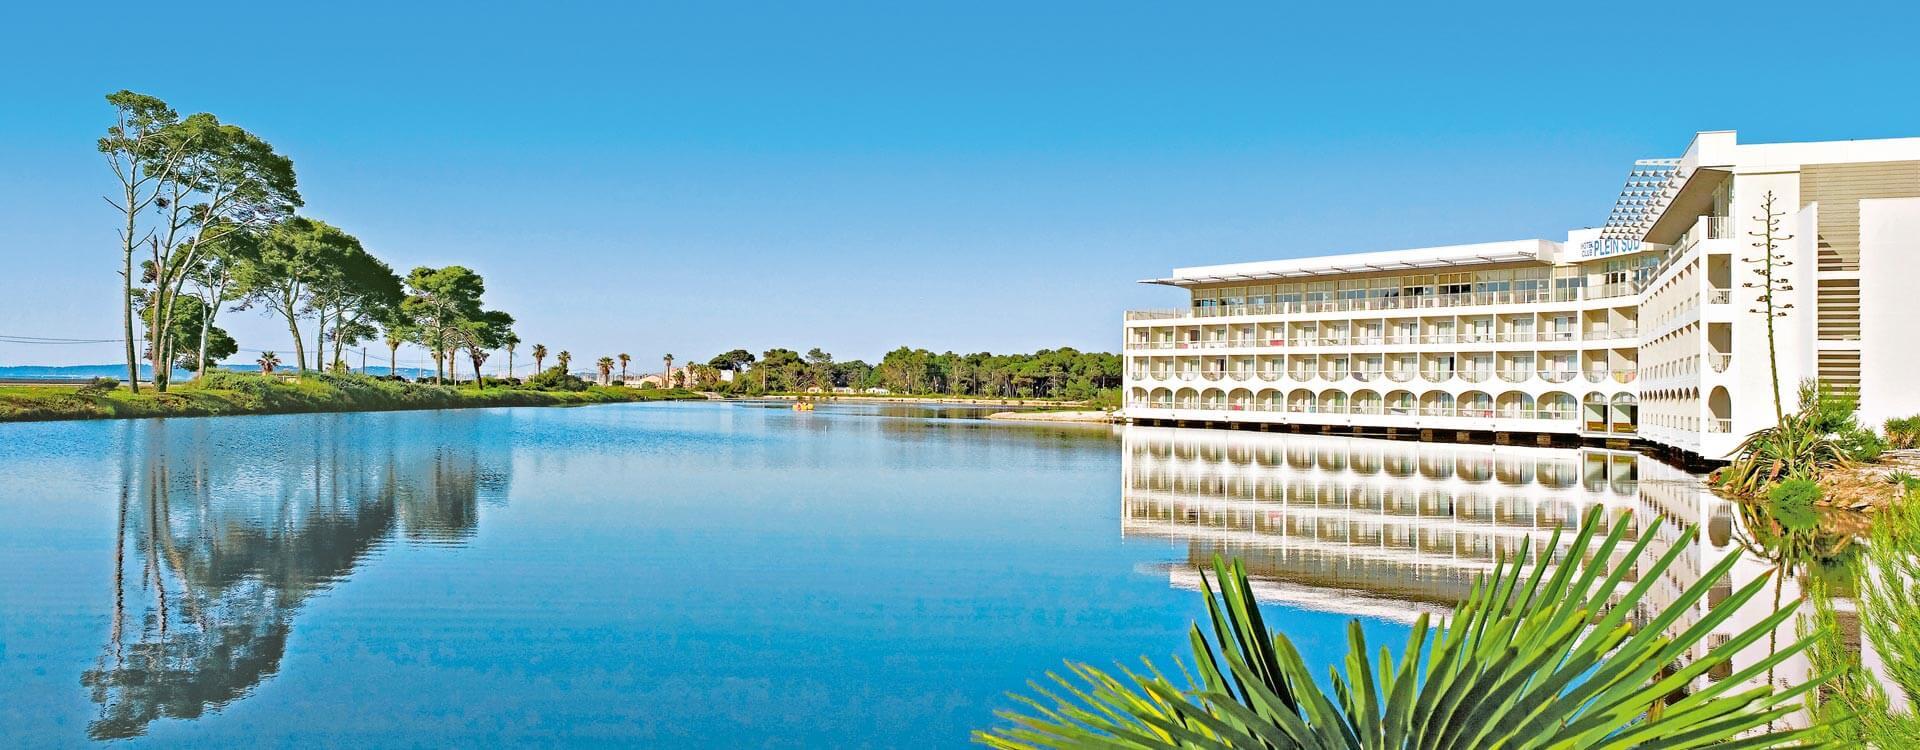 hotel club plein sud a hyeres